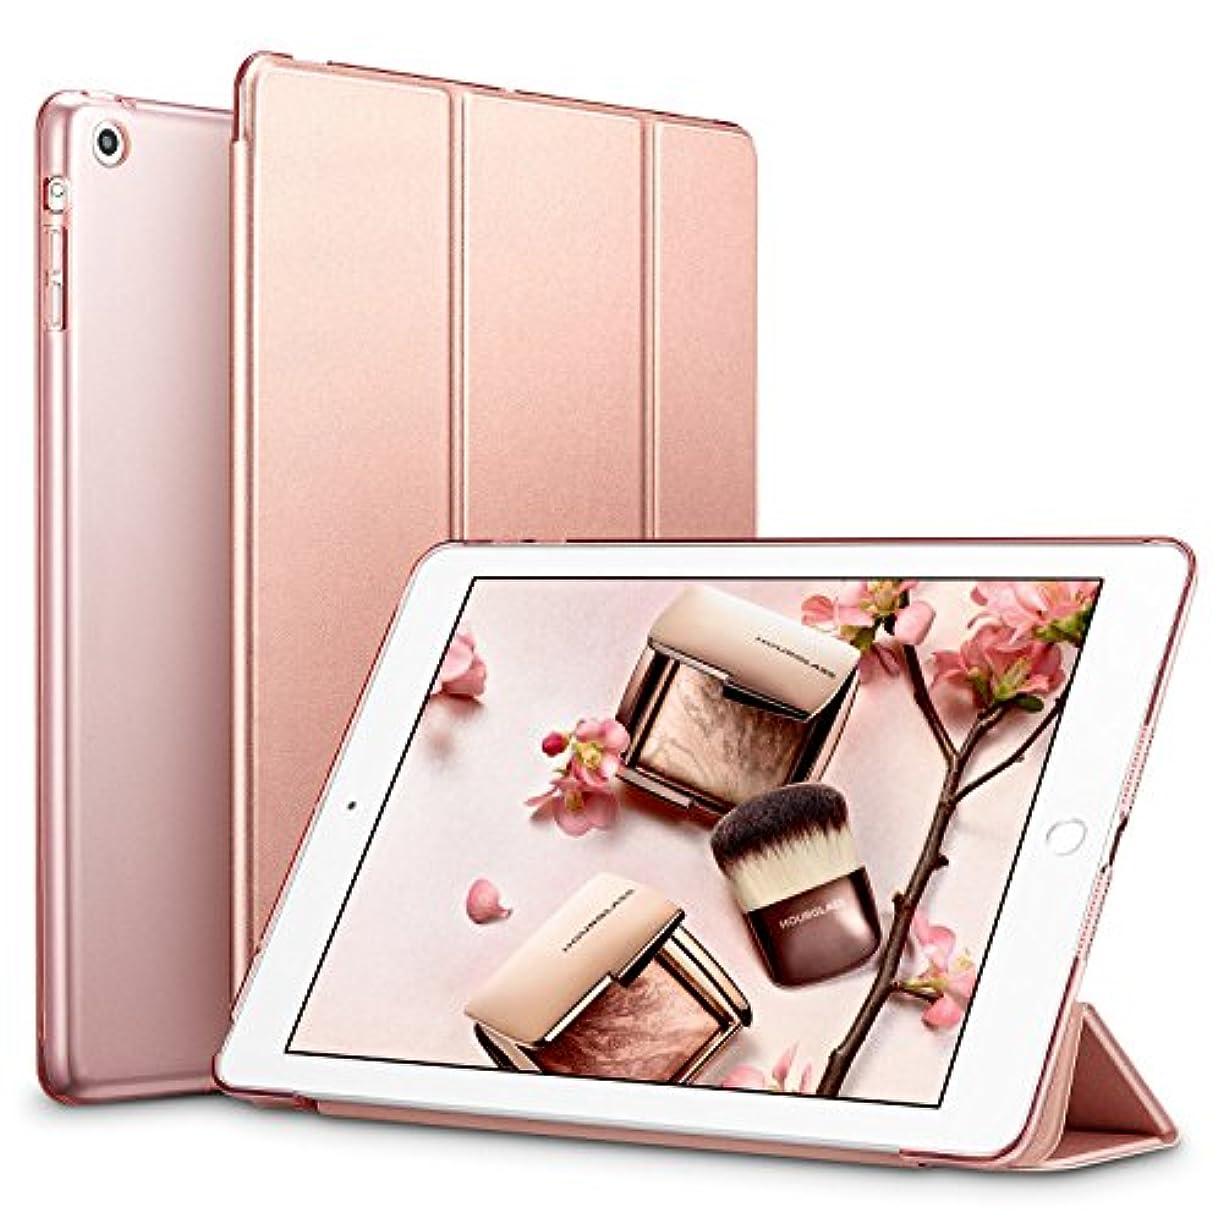 マチュピチュ永続プロペラESR iPad Mini ケース クリア iPad Mini2 ケース レザー PU iPad Mini3 ケース 軽量 スタンド機能 傷つけ防止 オートスリープ ハード三つ折 iPad Mini3/2/1(初代第二三世代) 専用スマートカバー(ローズゴールド)